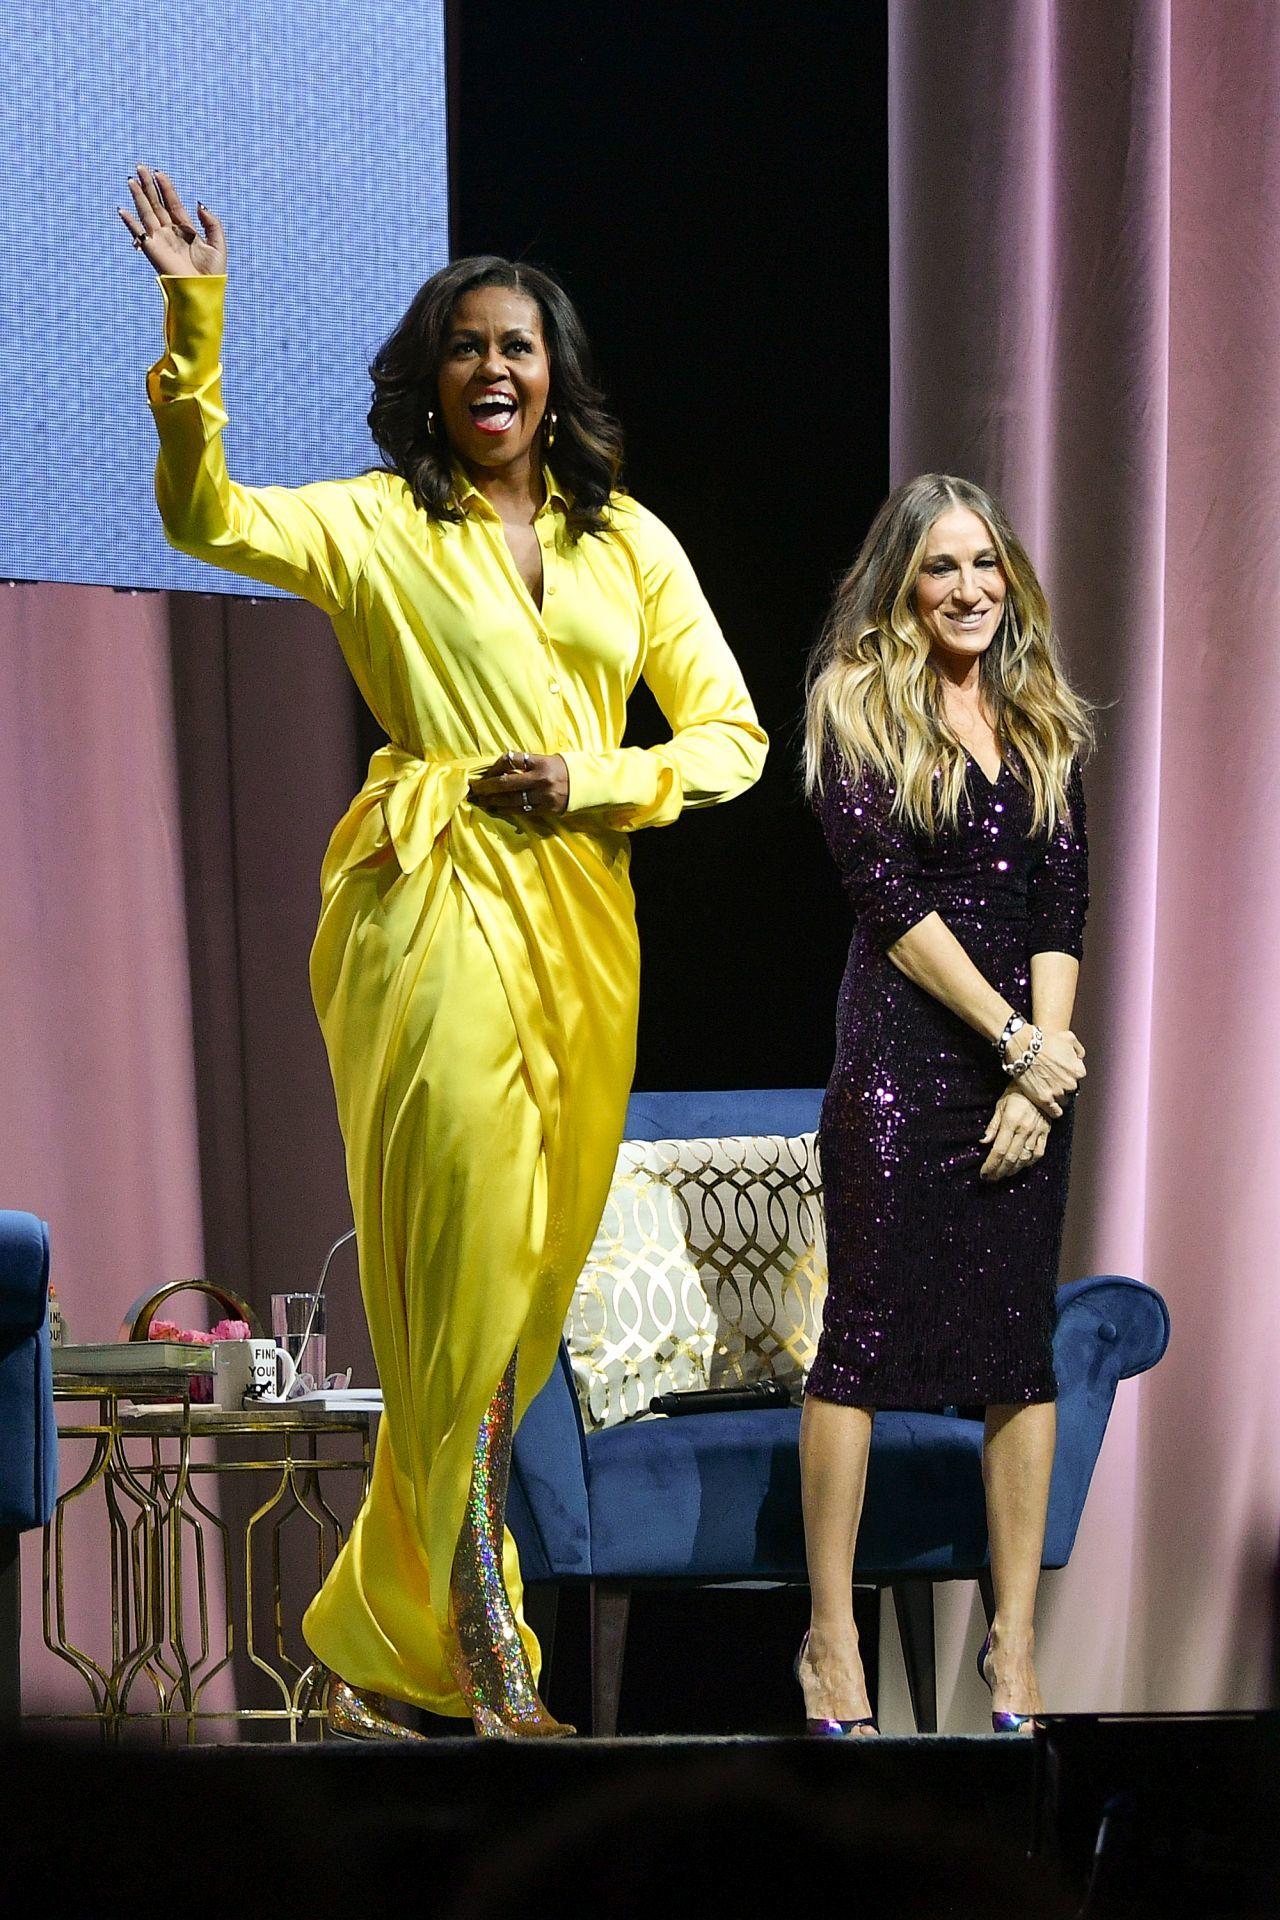 Michelle Obama ragyogó, sárga ruhát viselt, mikor Sarah Jessica Parkerrel beszélgetett egy rendezvényen az akkoriban megjelent könyvéről, 2018-ban.